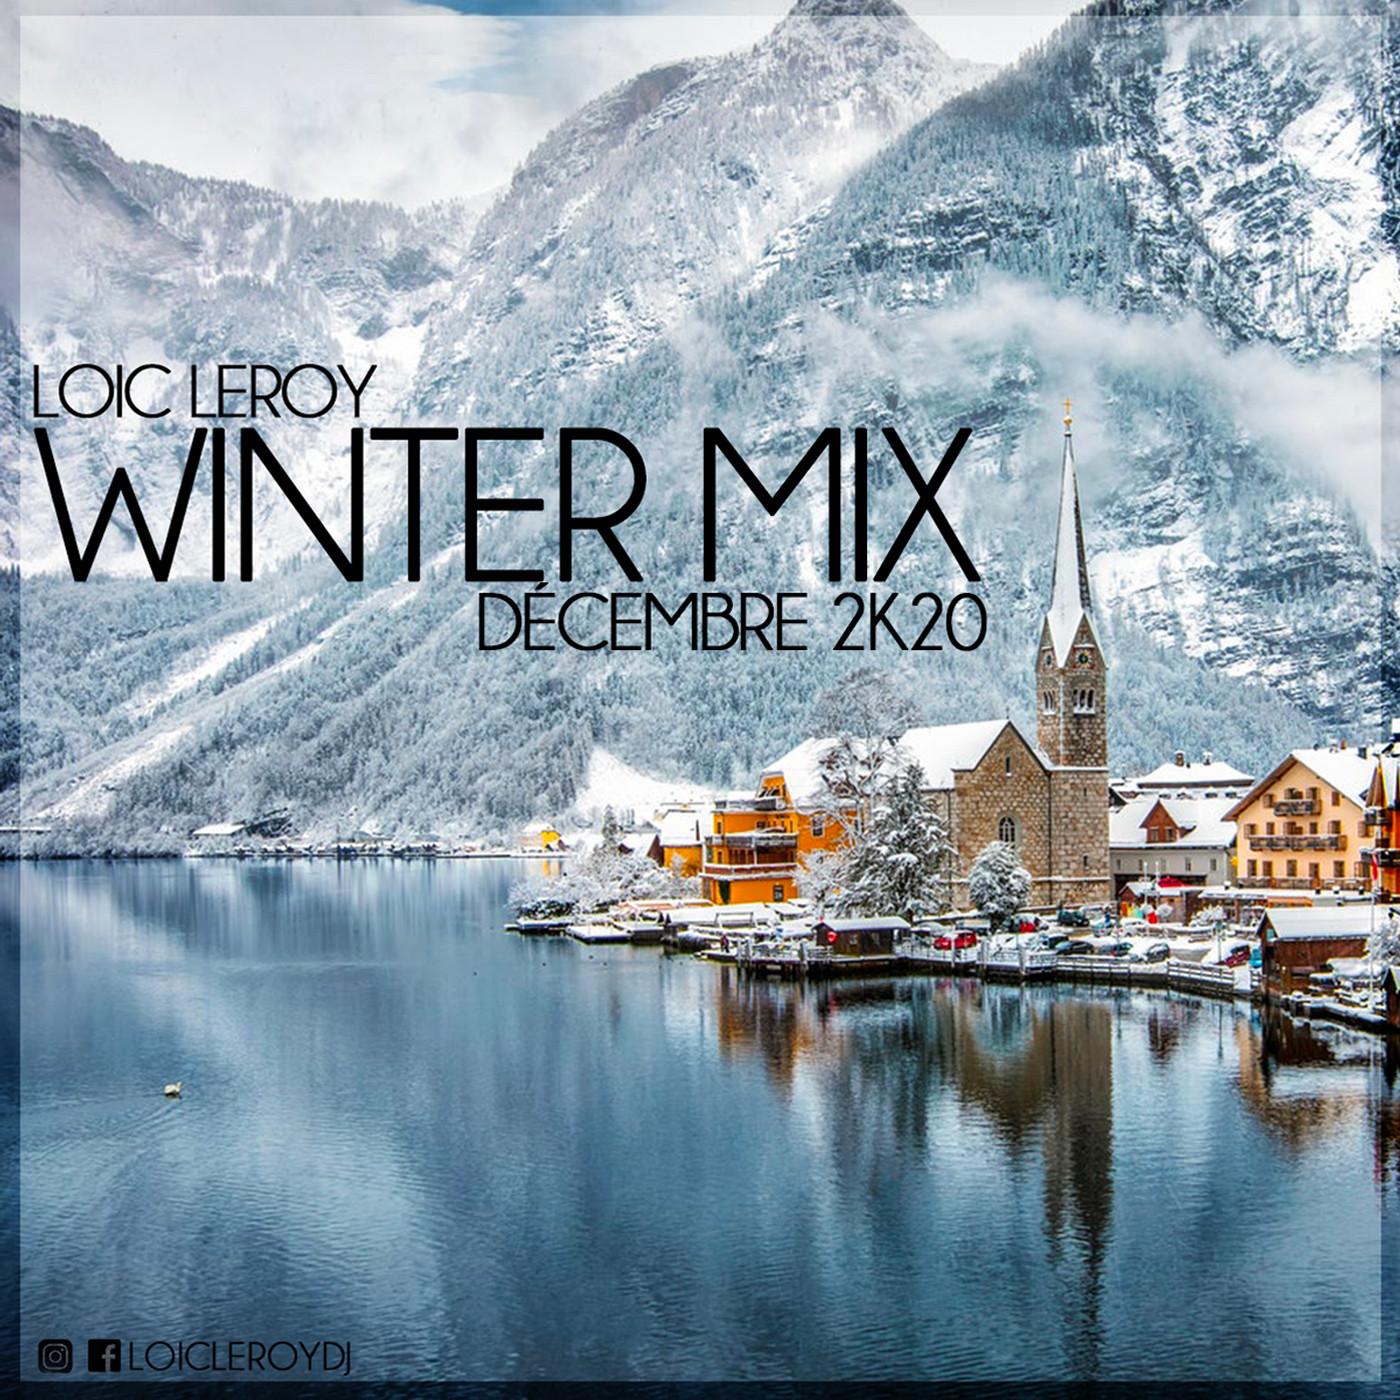 Loic Leroy - Winter Mix - Decembre 2K20